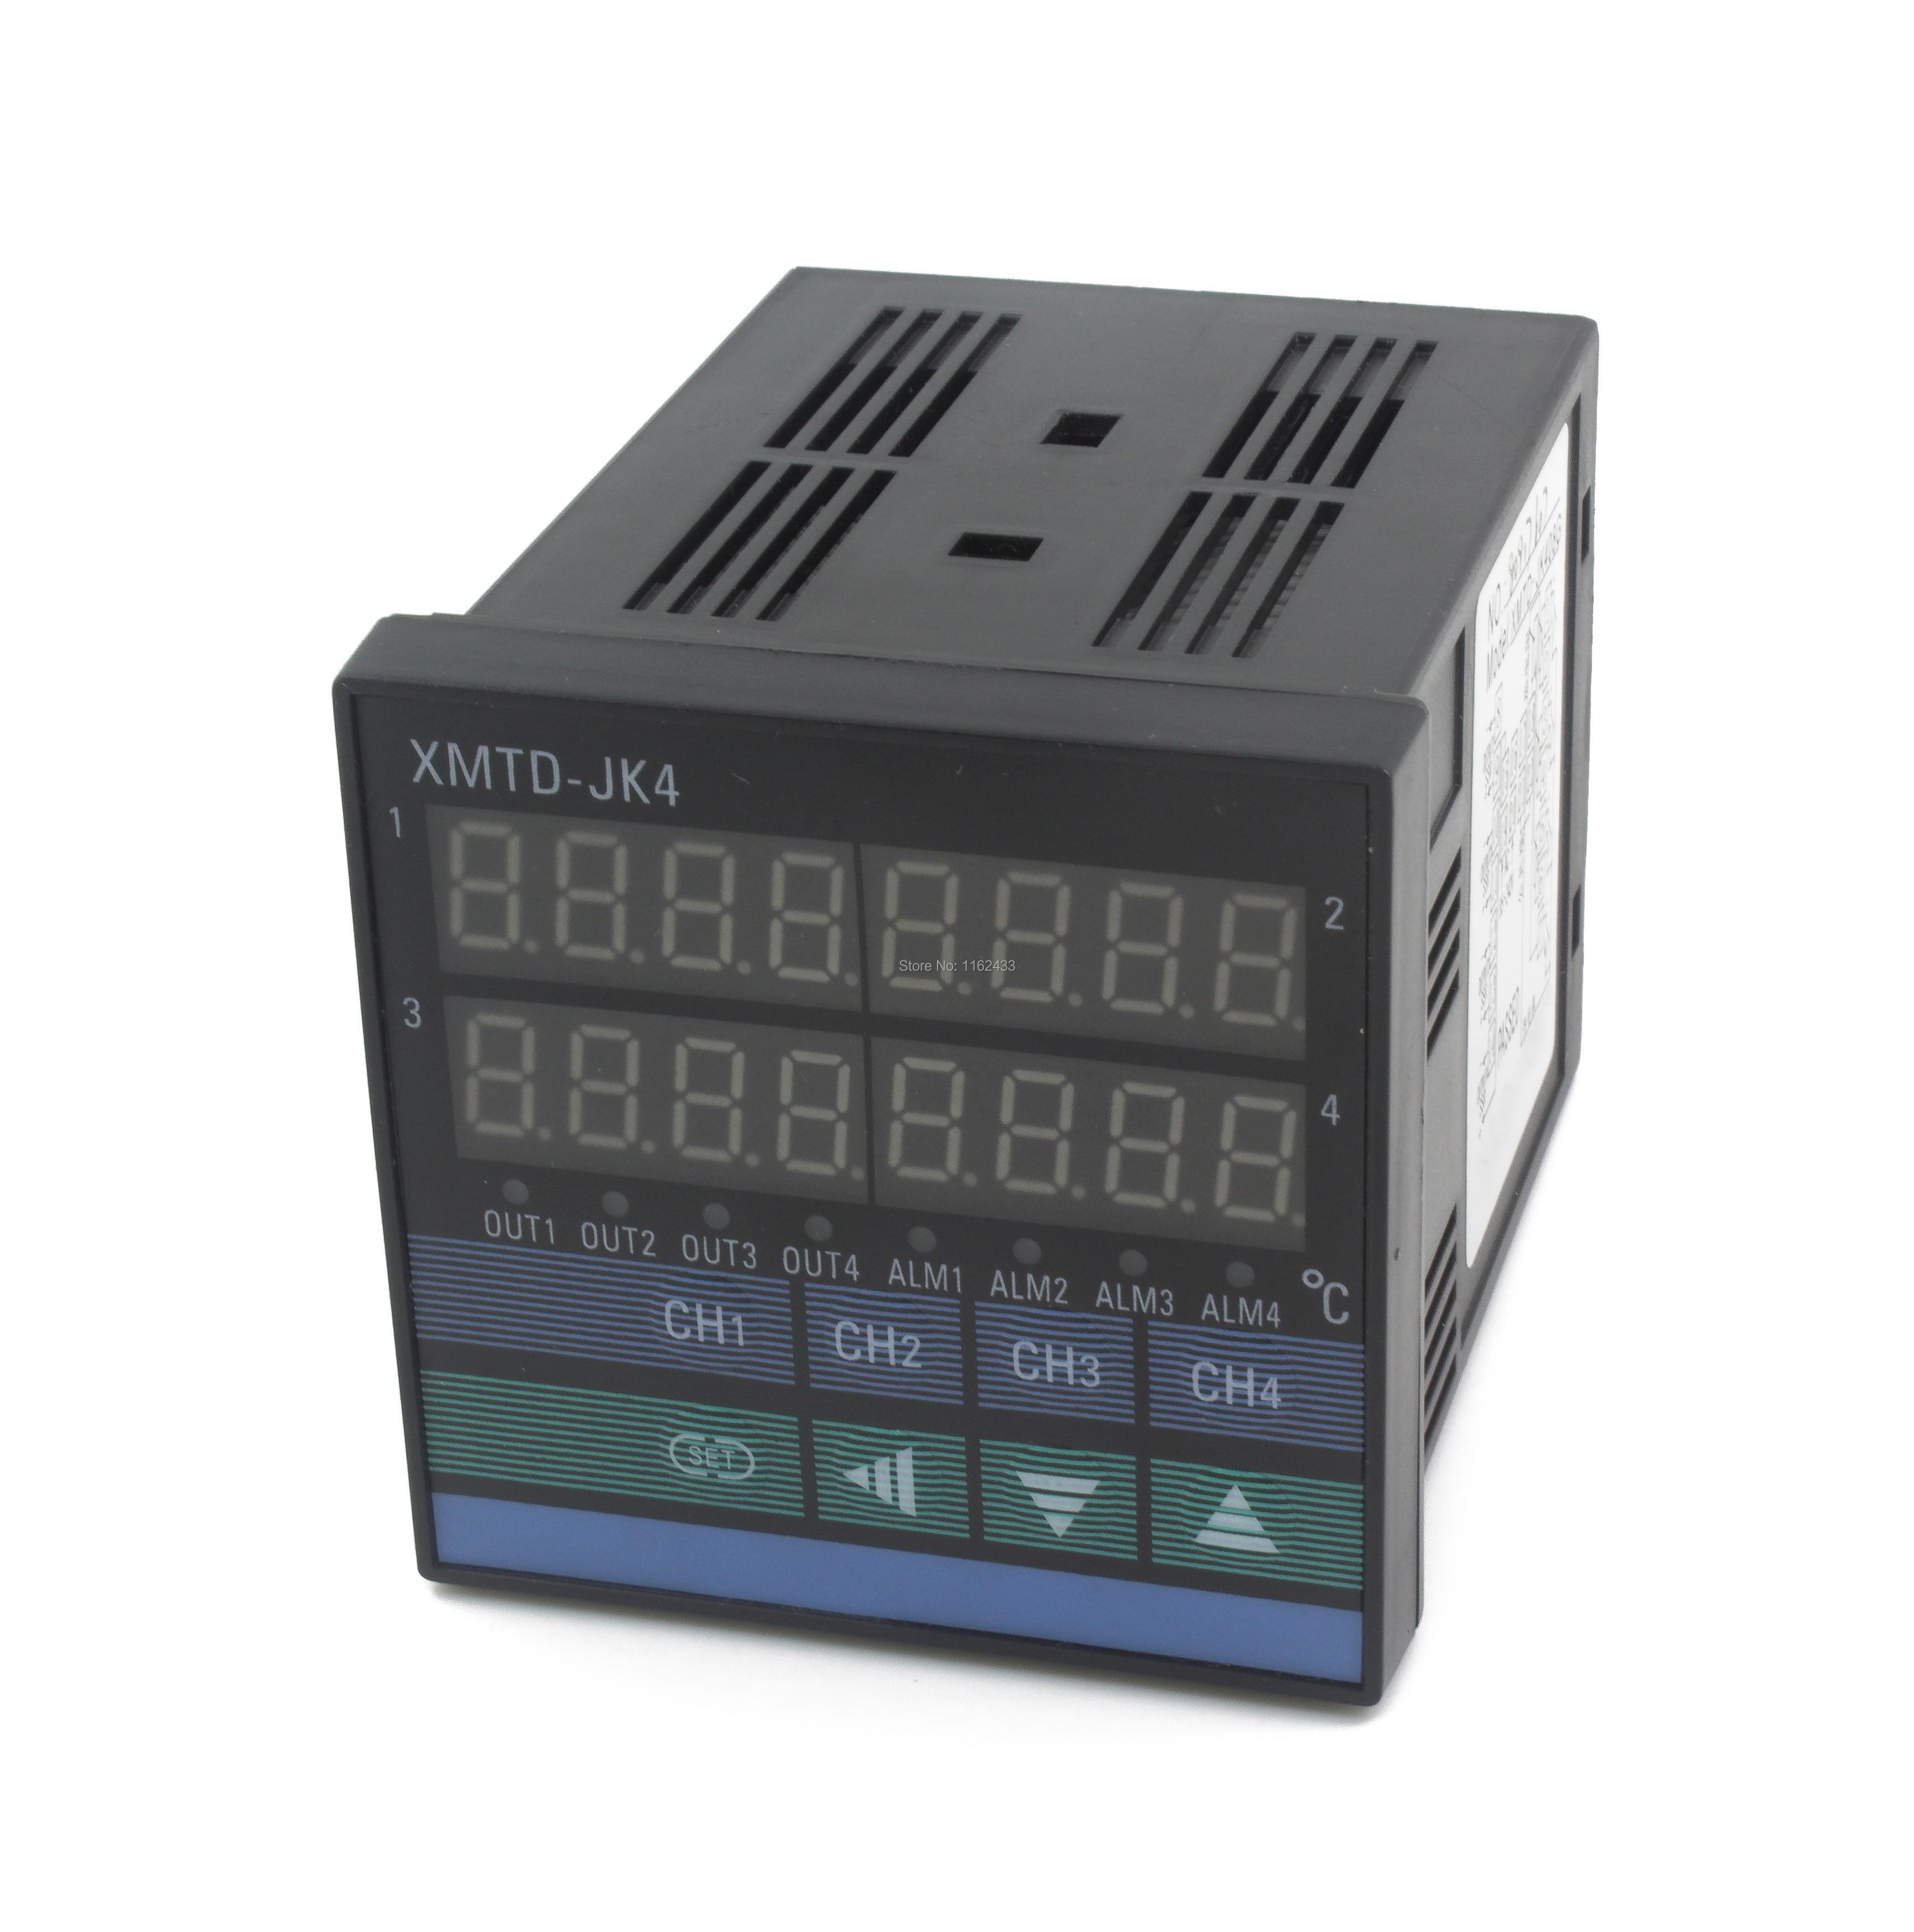 XMTD-JK4 72*72mm 4 Ways 4 PIDs Digital Temperature Controller No Alarm